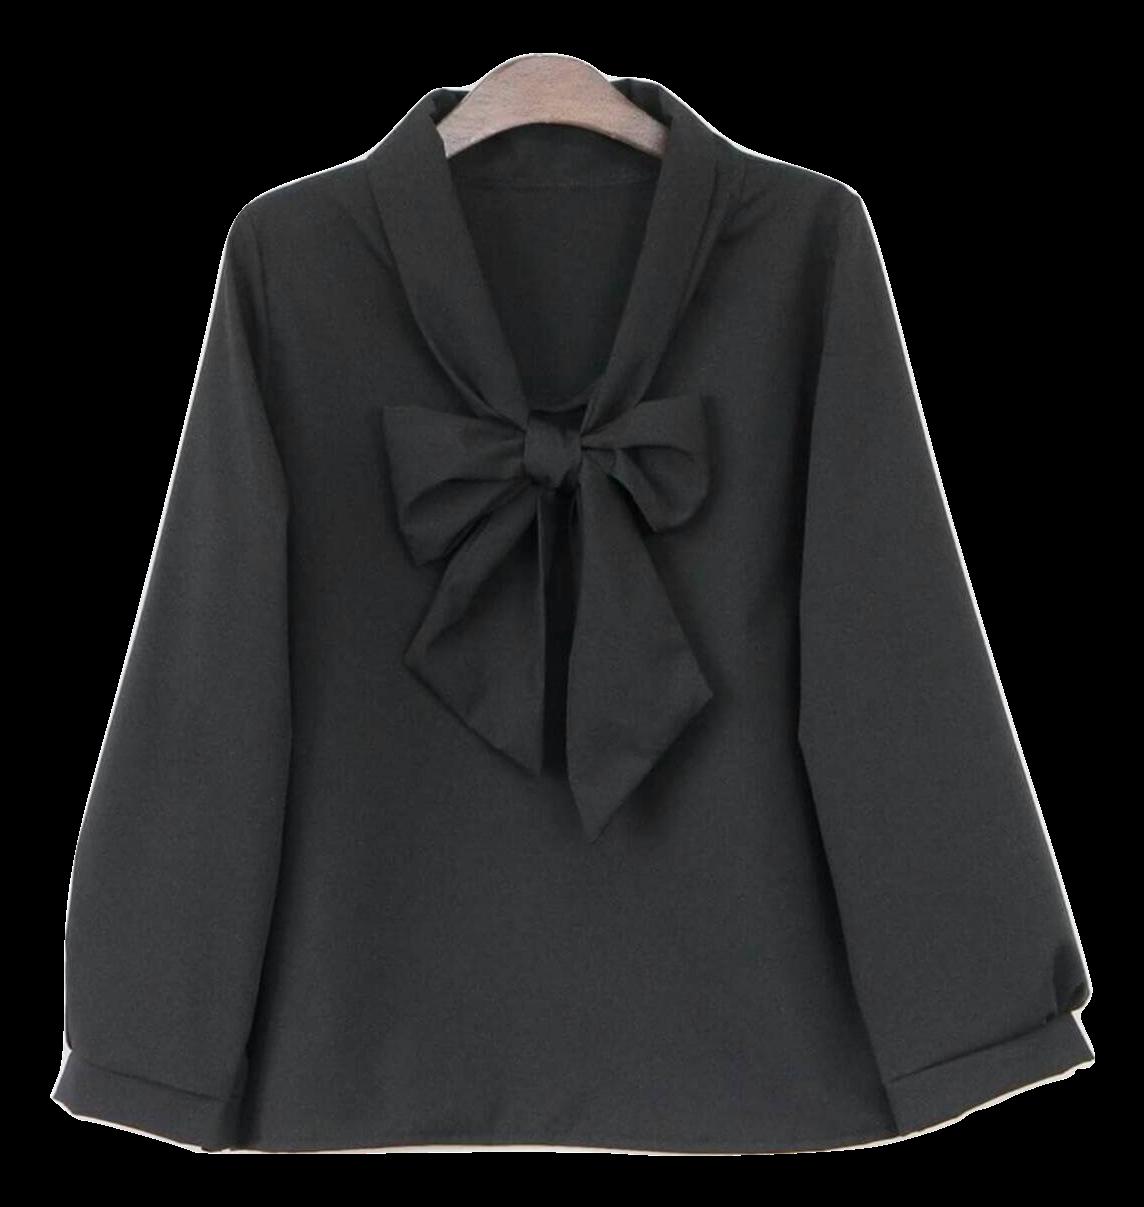 เสื้อแฟชั่นสีดำ แฟชั่นสไตล์เกาหลี ขายส่งราคาถูก